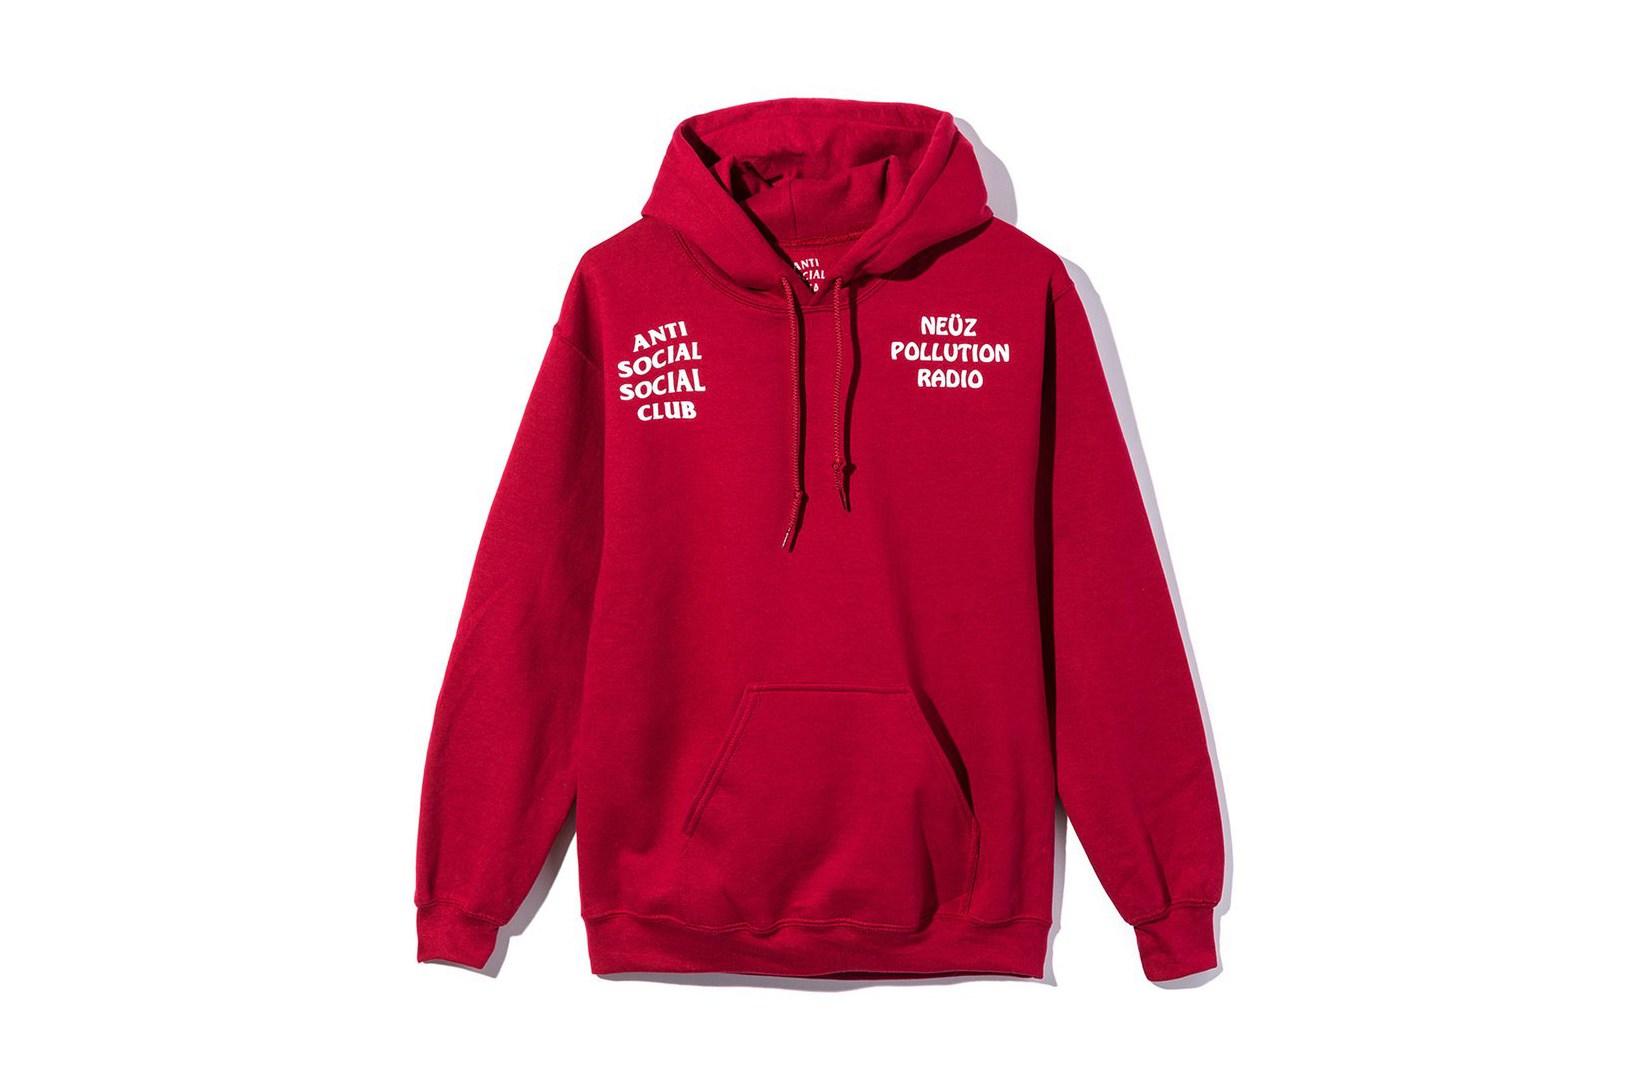 Anti Social Social Club revient avec un hoodie en collaboration avec Neuz Pollution Radio